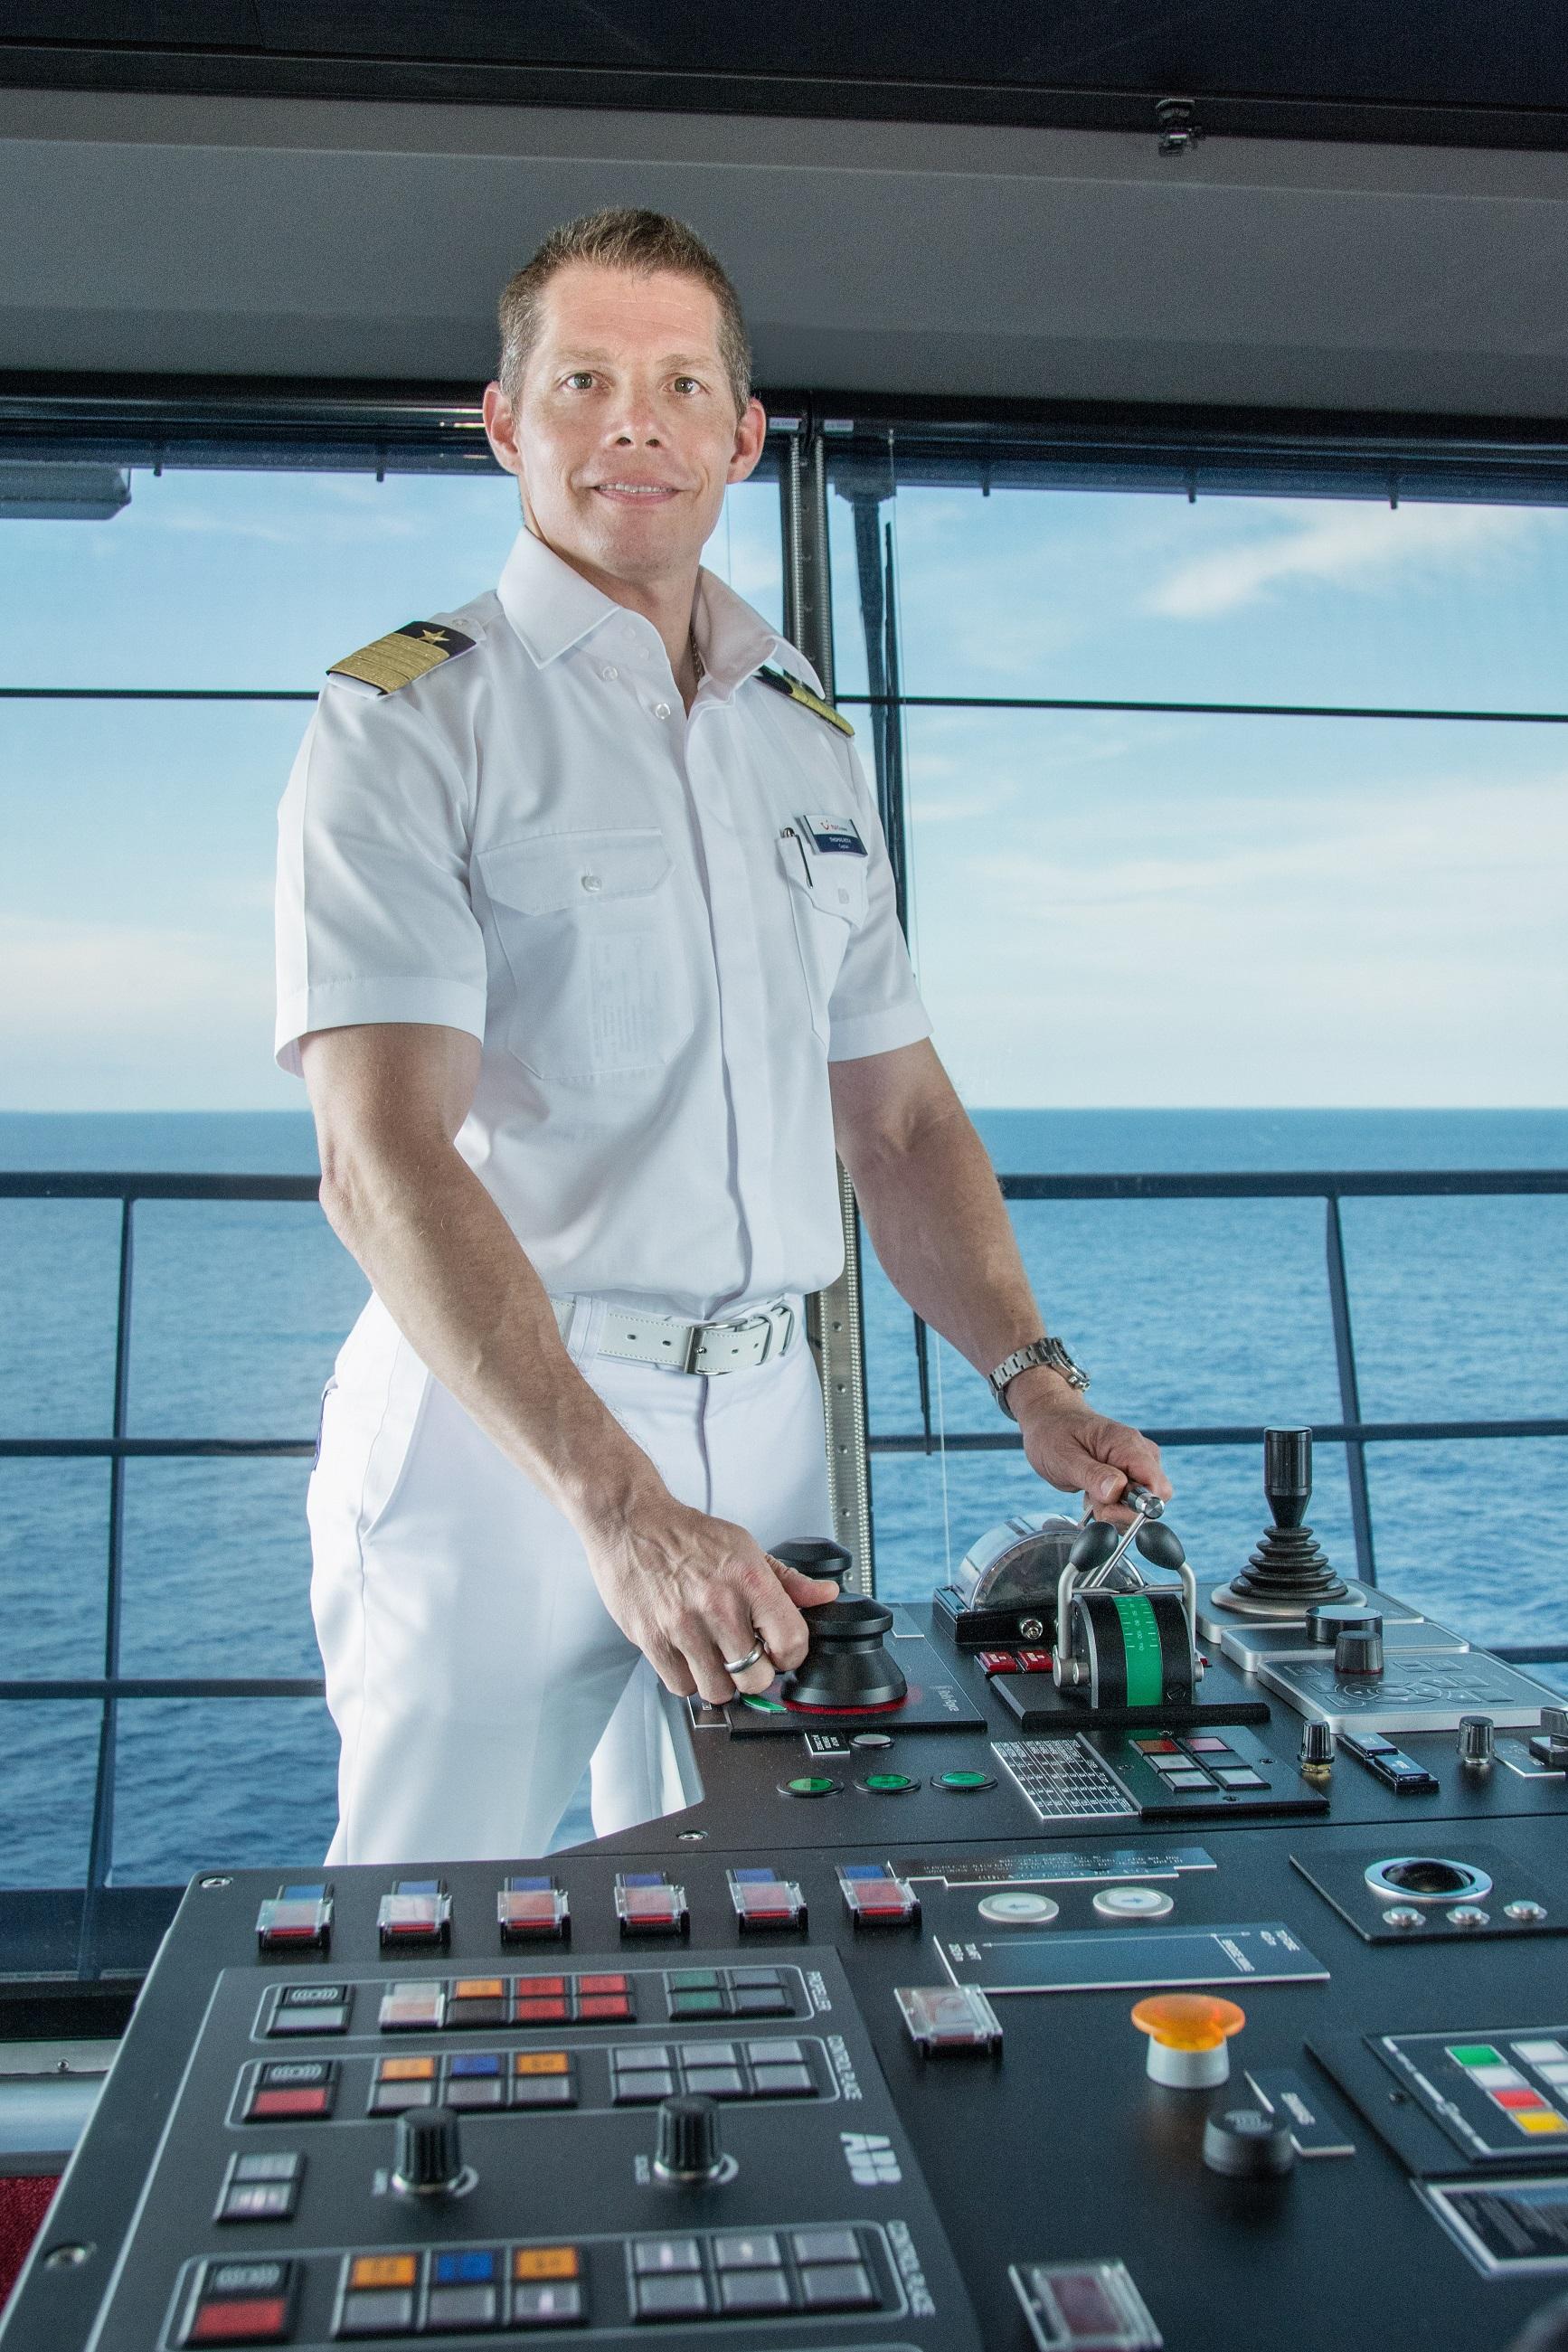 Mein Schiff Kapitän Thomas Roth